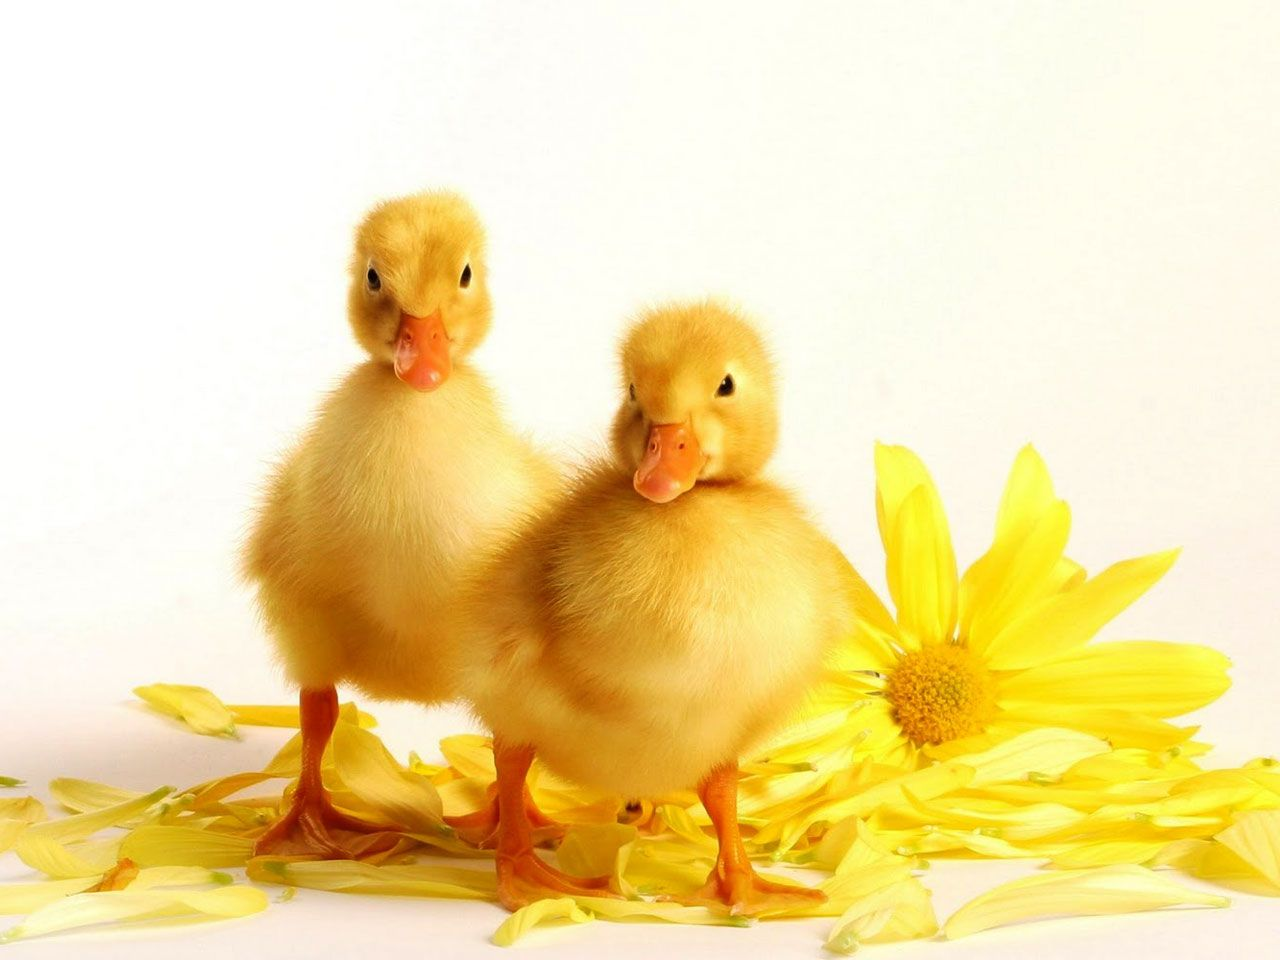 cute yellow ducks